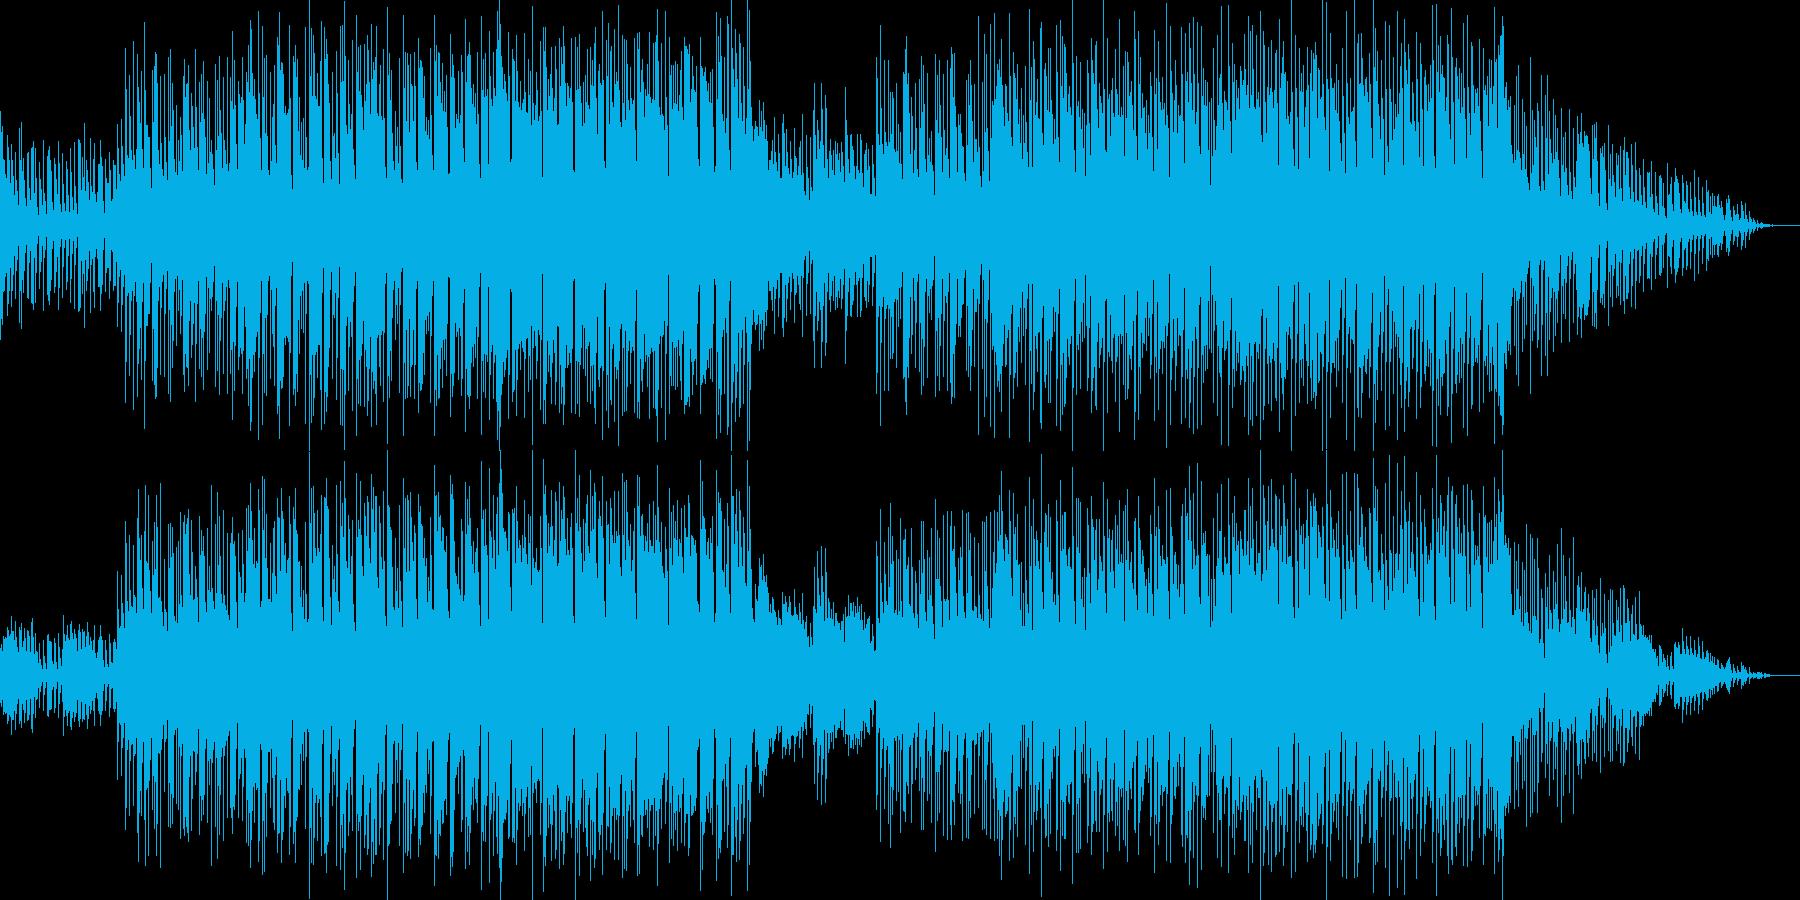 中近東っぽいリフと切ないメロディの曲の再生済みの波形